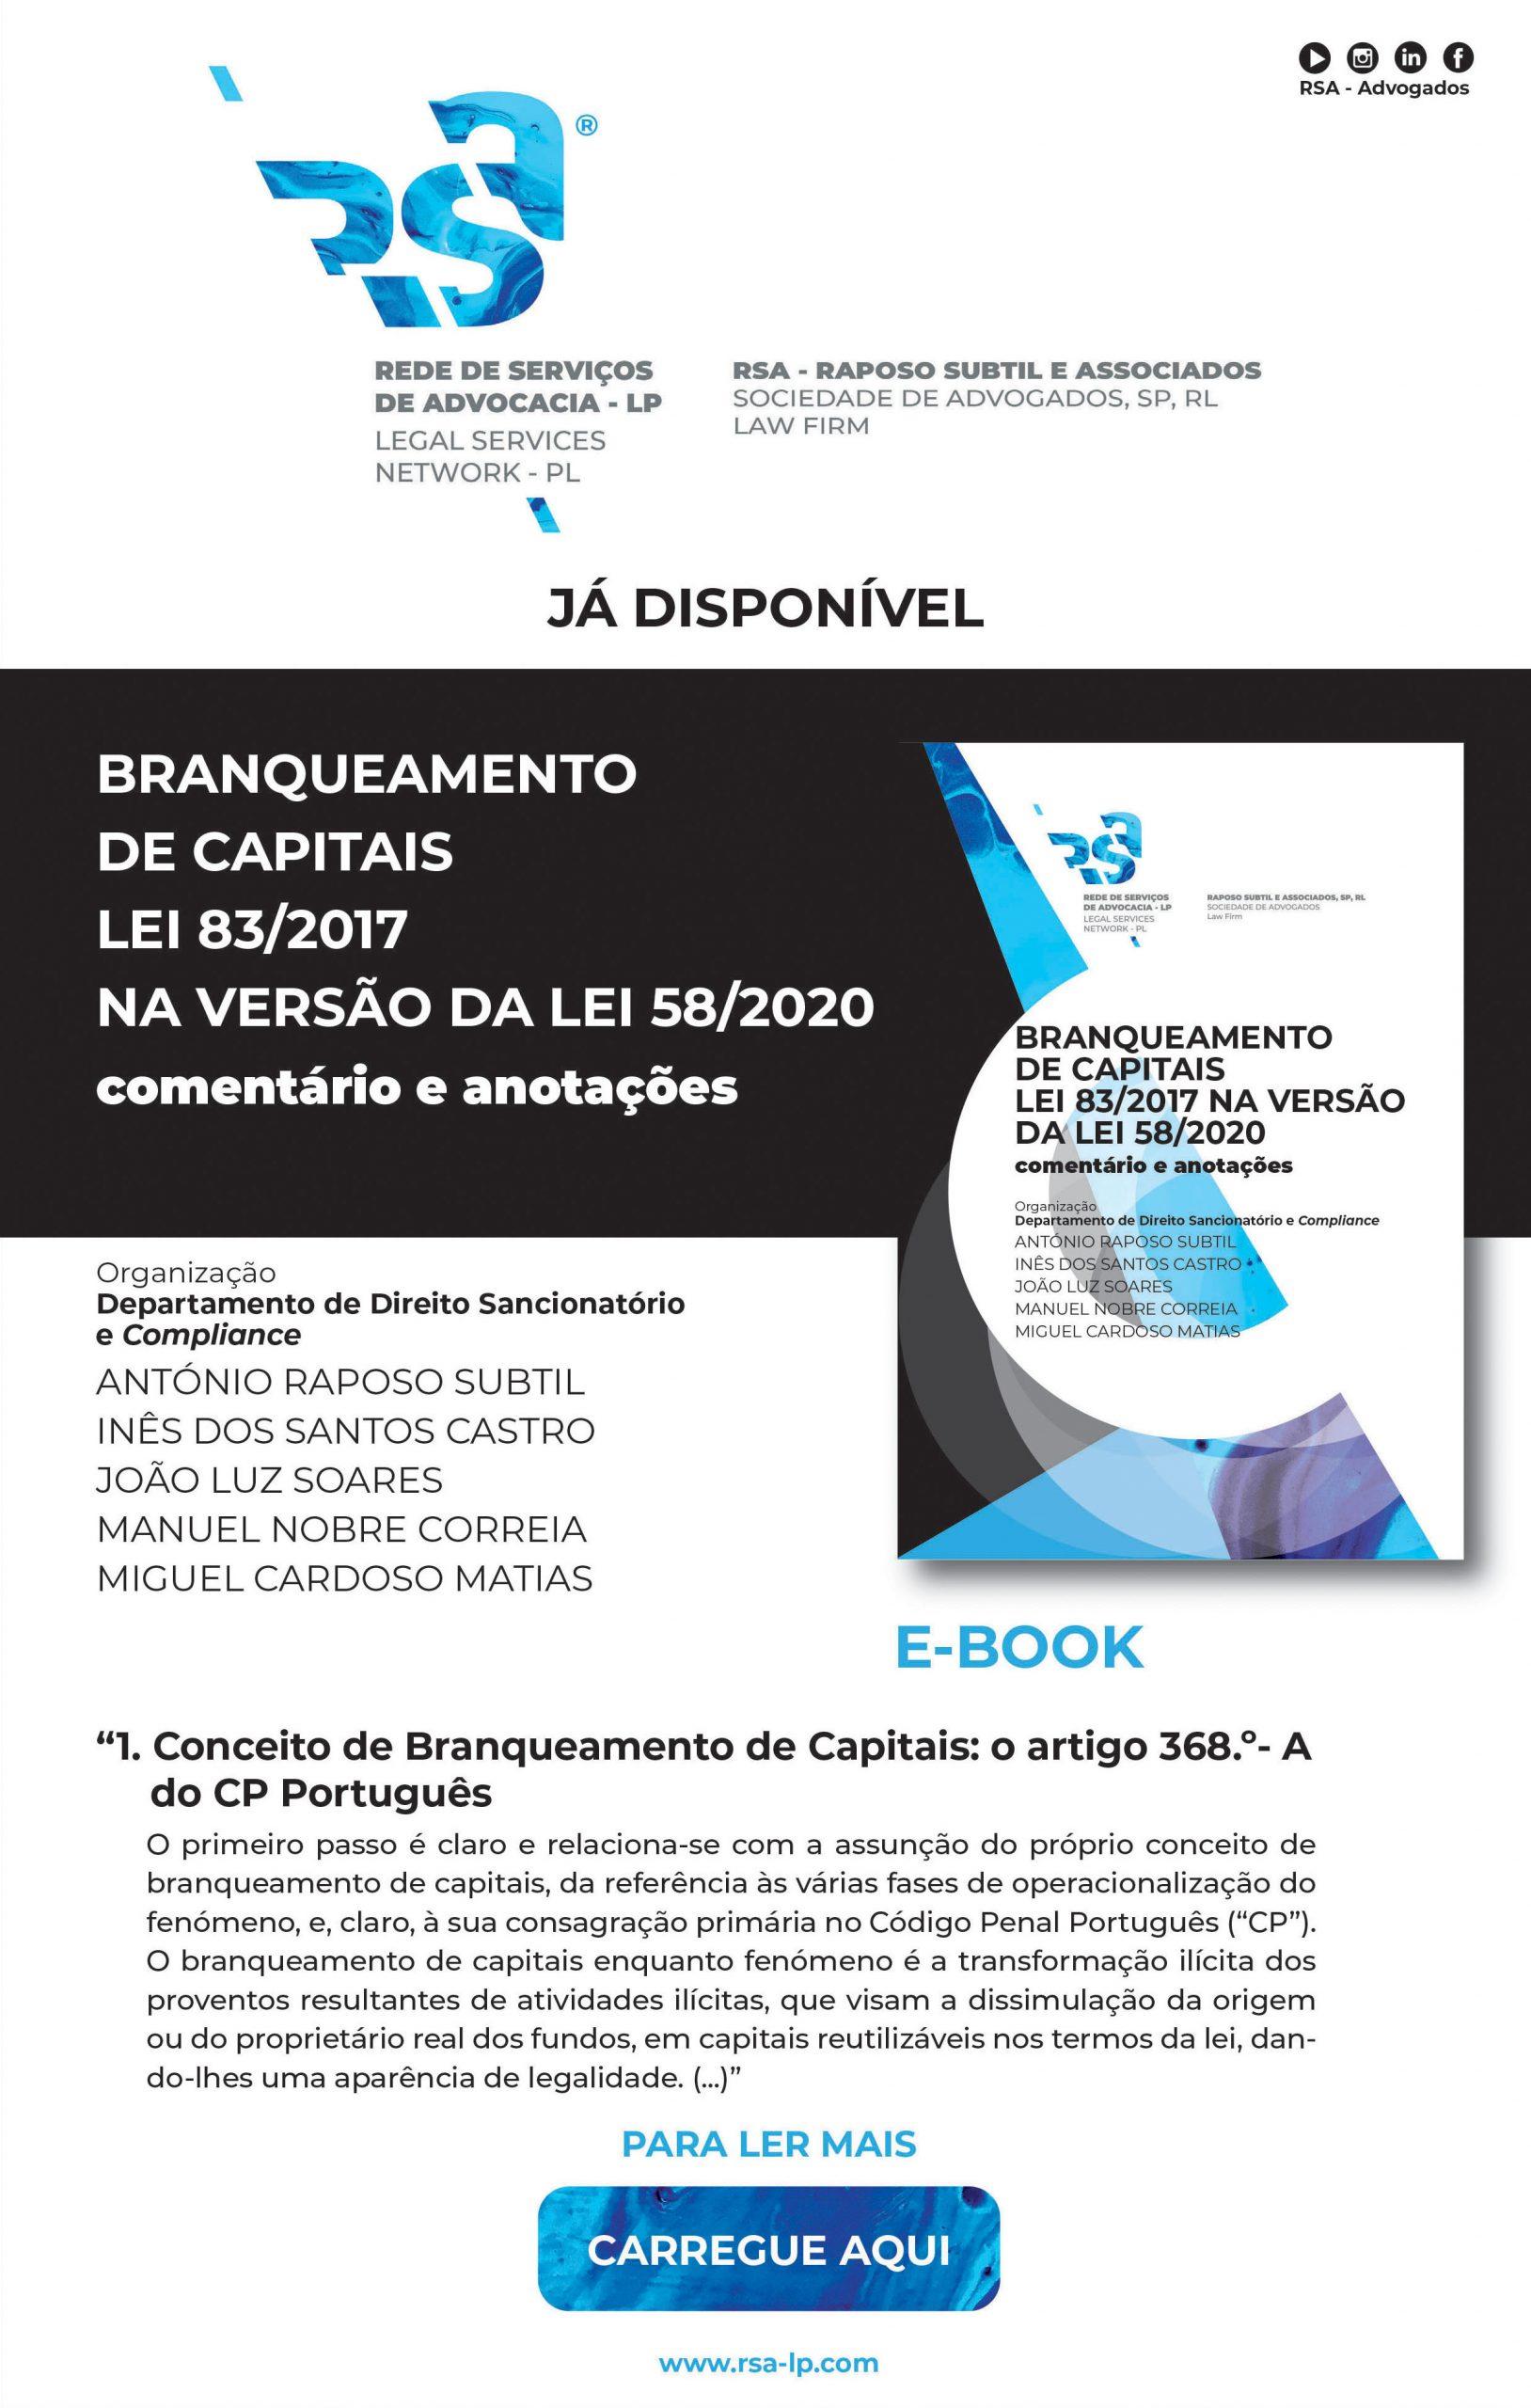 Novo Ebook - Branqueamento Capitais - Lei 83/2017 na versão da Lei 58/2020